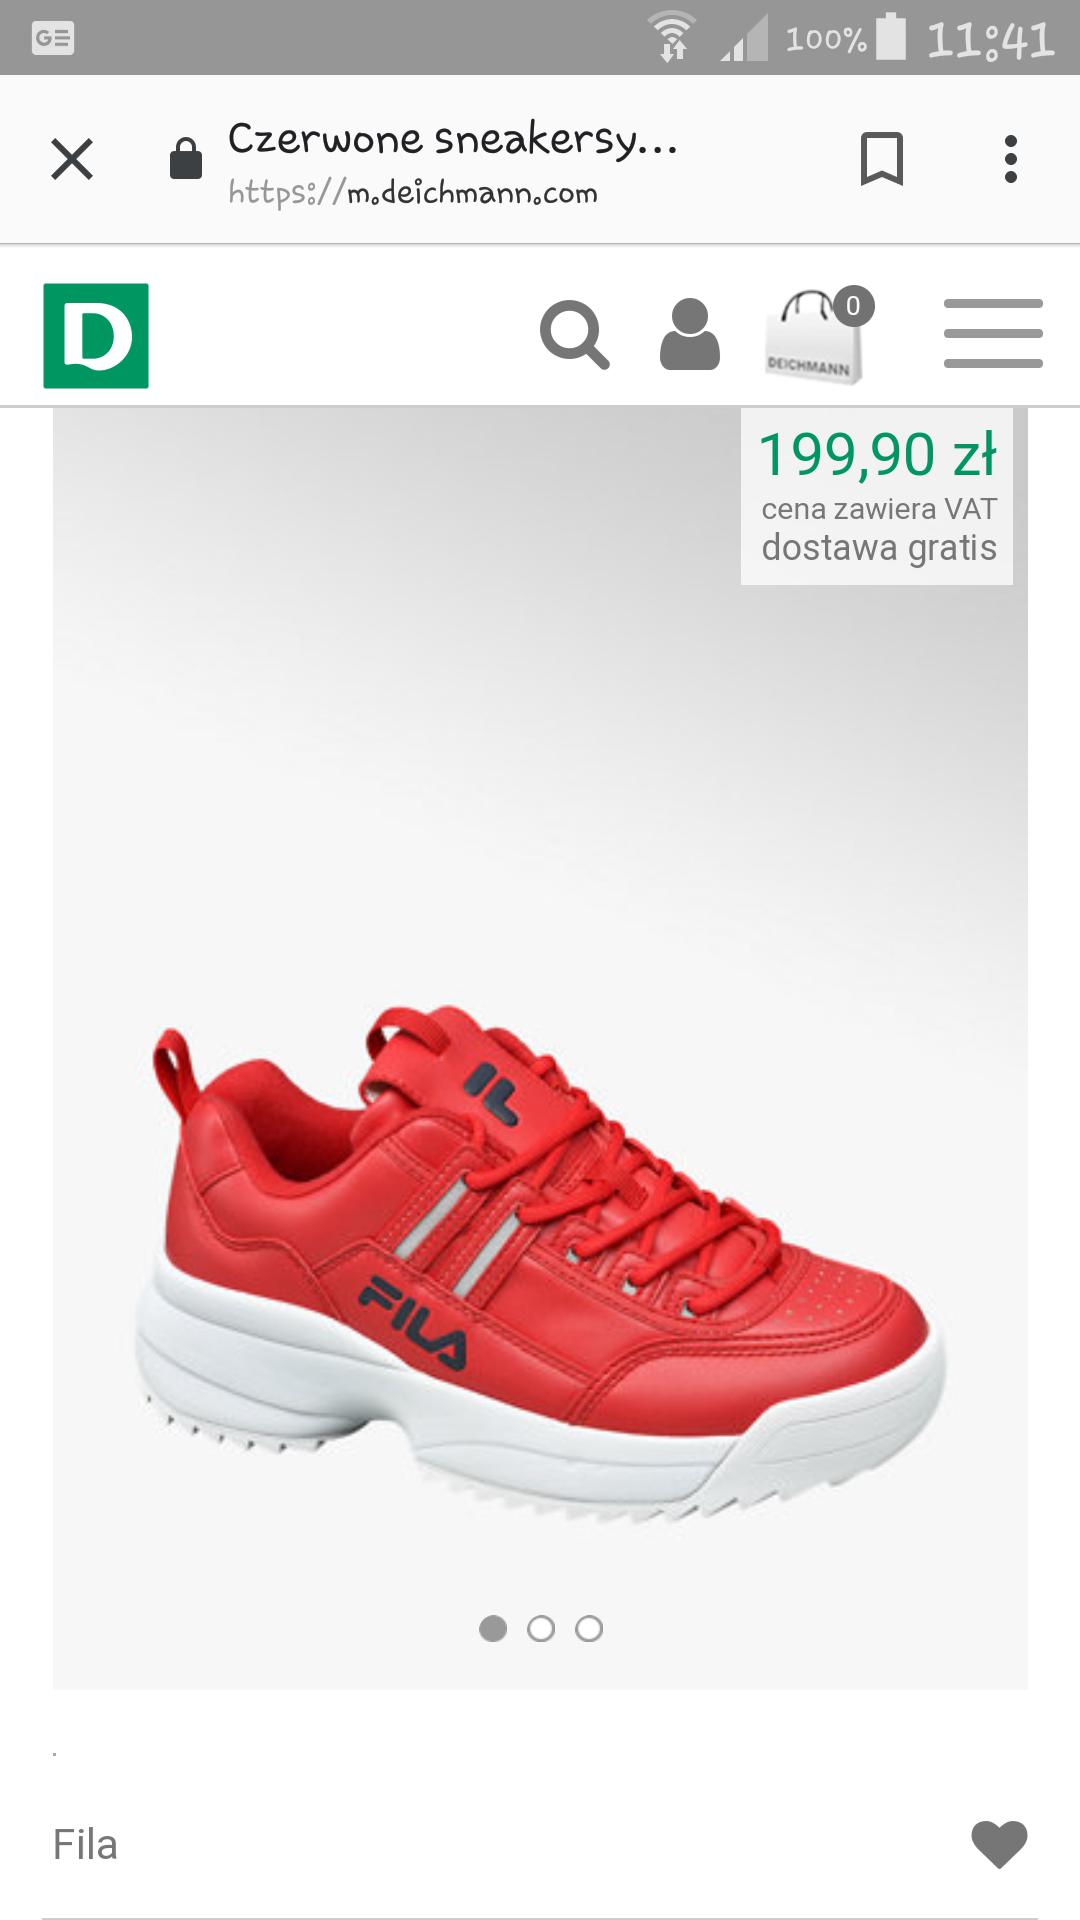 Polecacie te buty z fila? Zapytaj.onet.pl